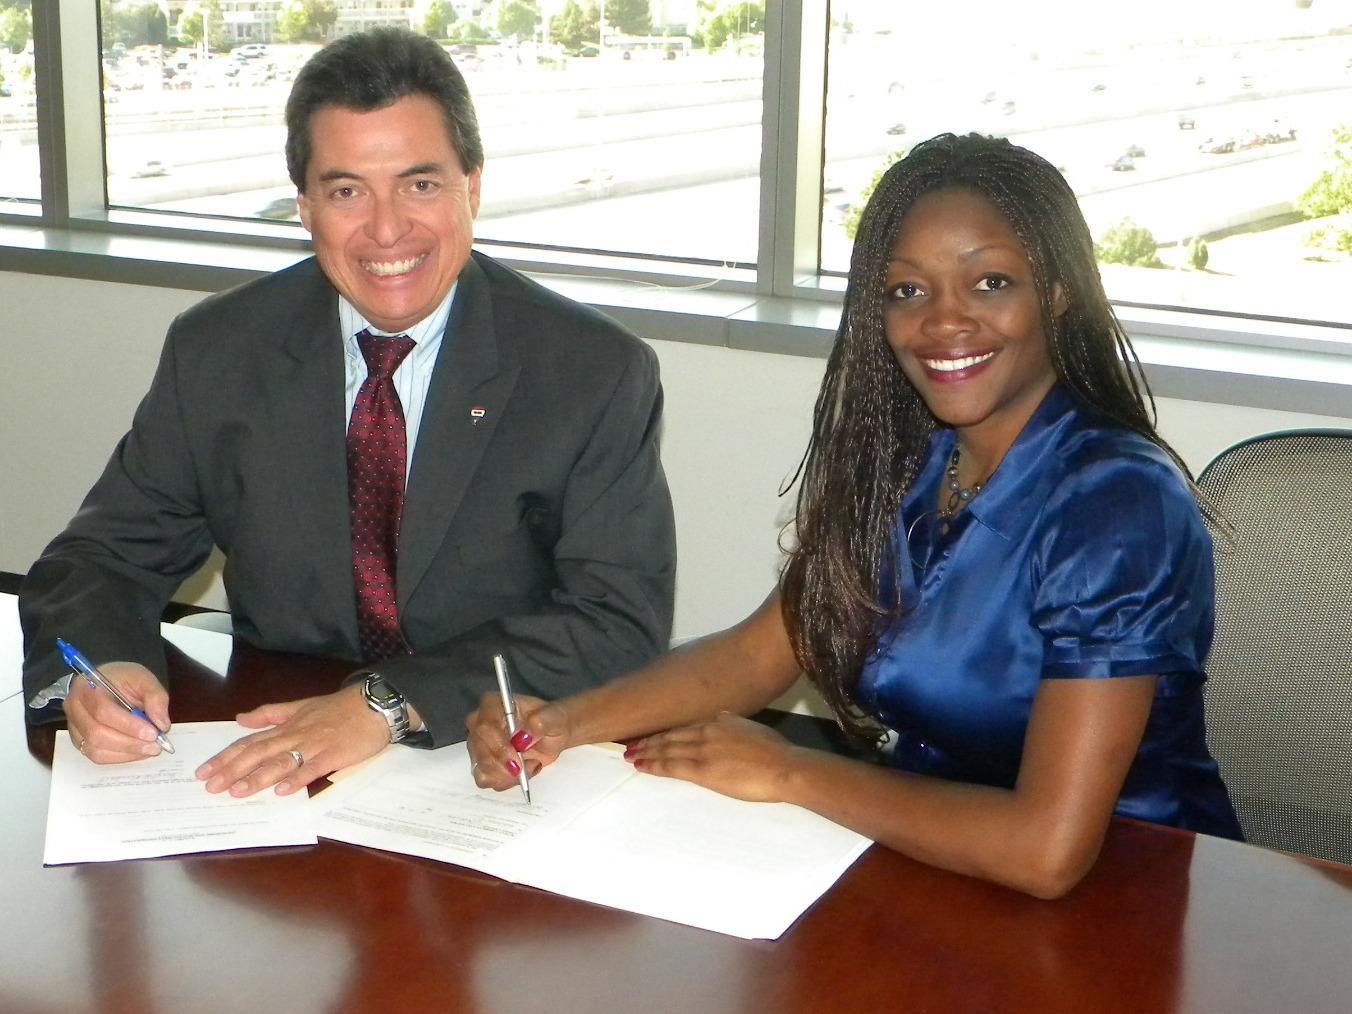 Cheryl and Regional VP Ricardo Cardenas